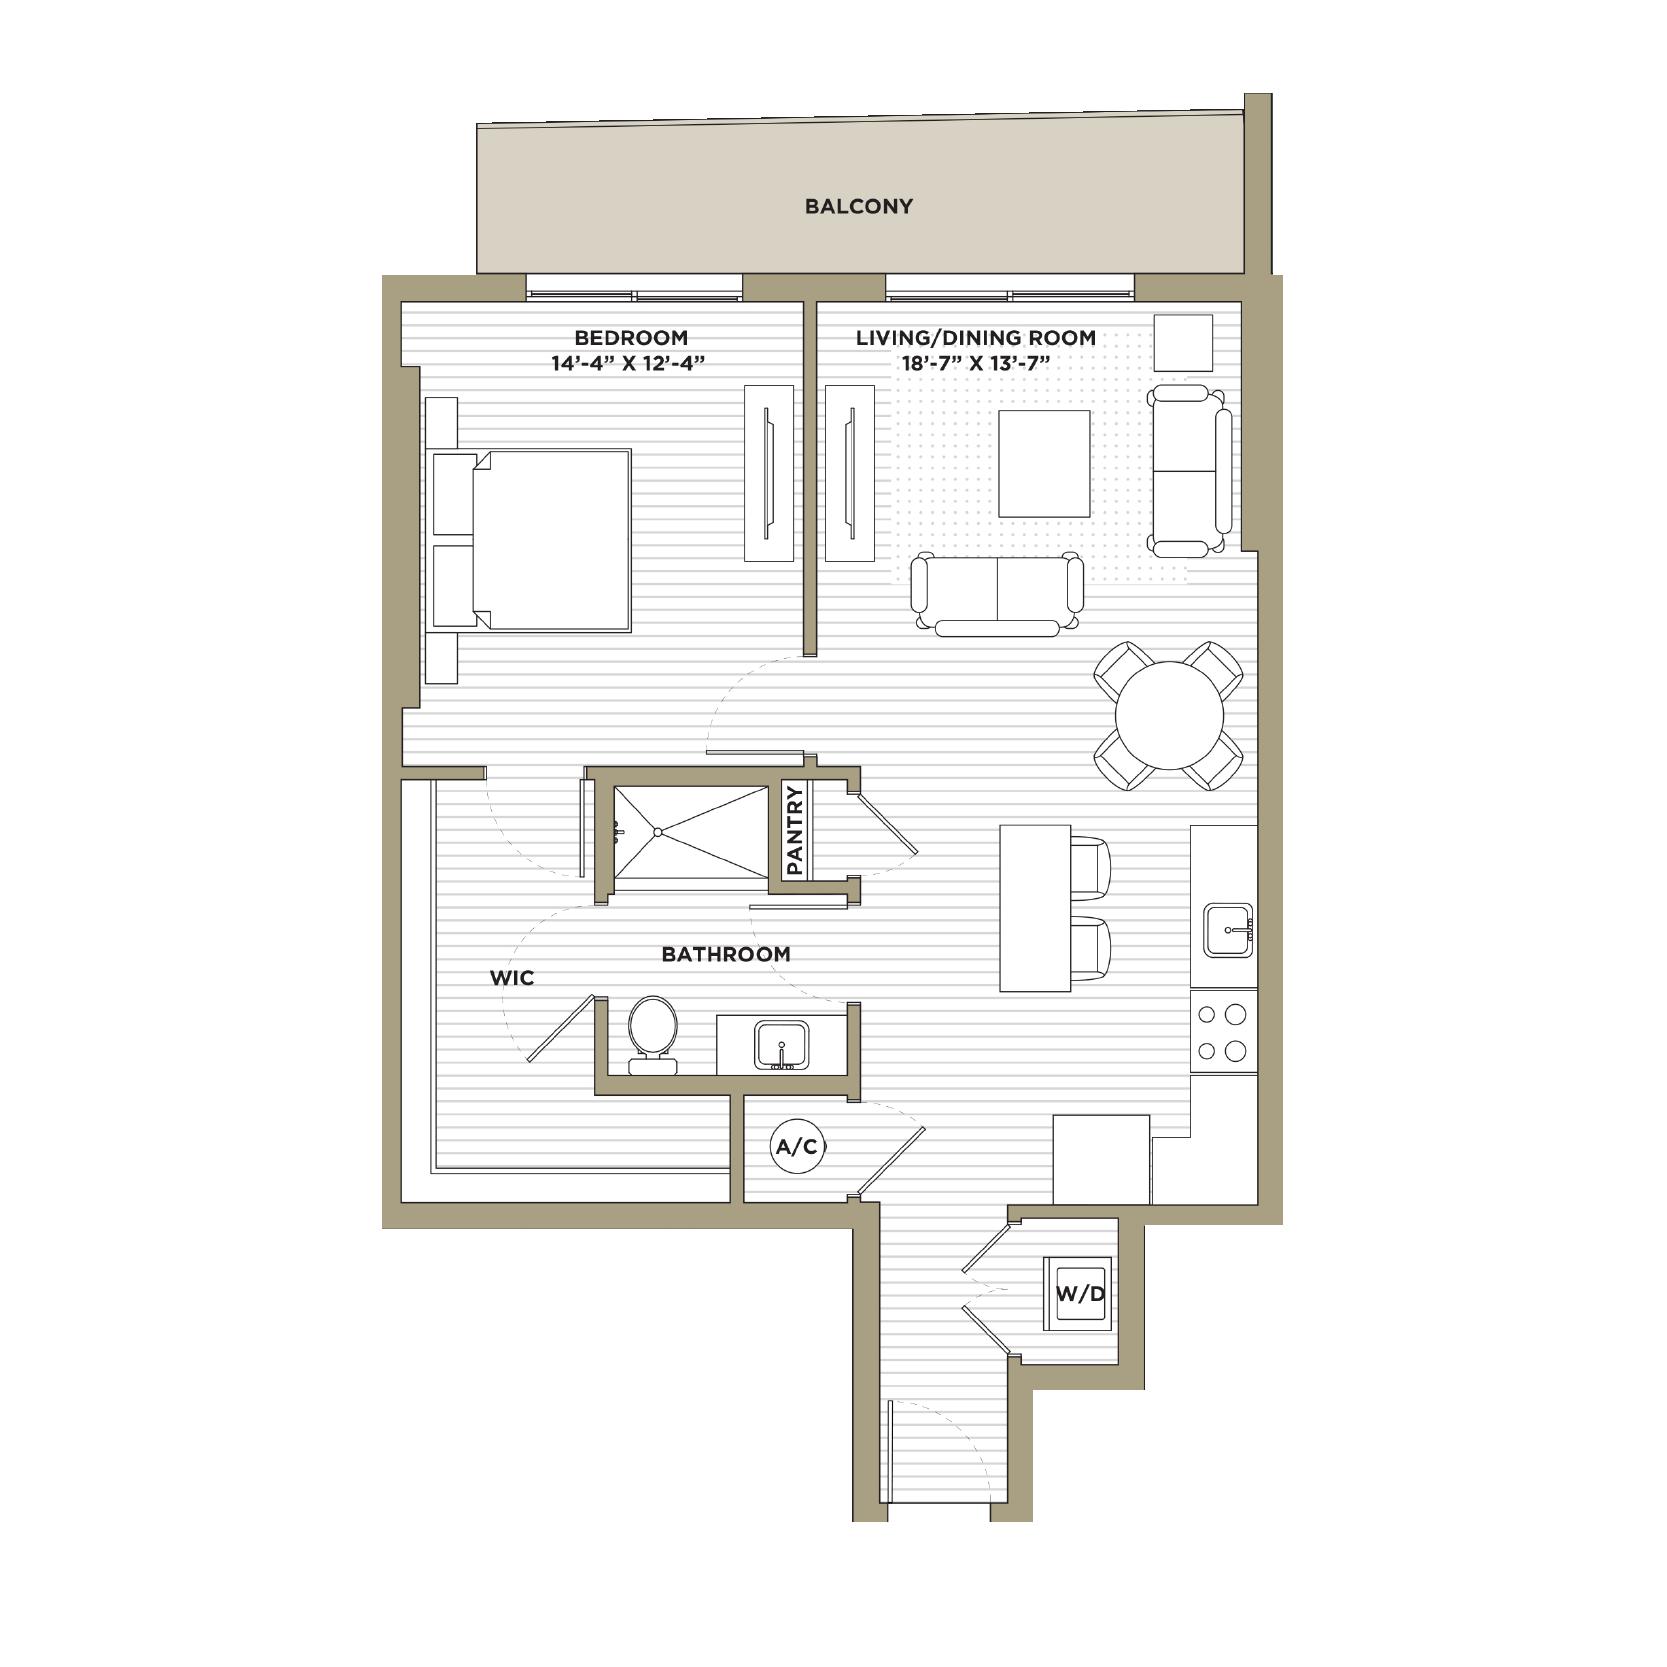 A2 - 1 Bedroom / 1 Bathroom851 sq. ft.